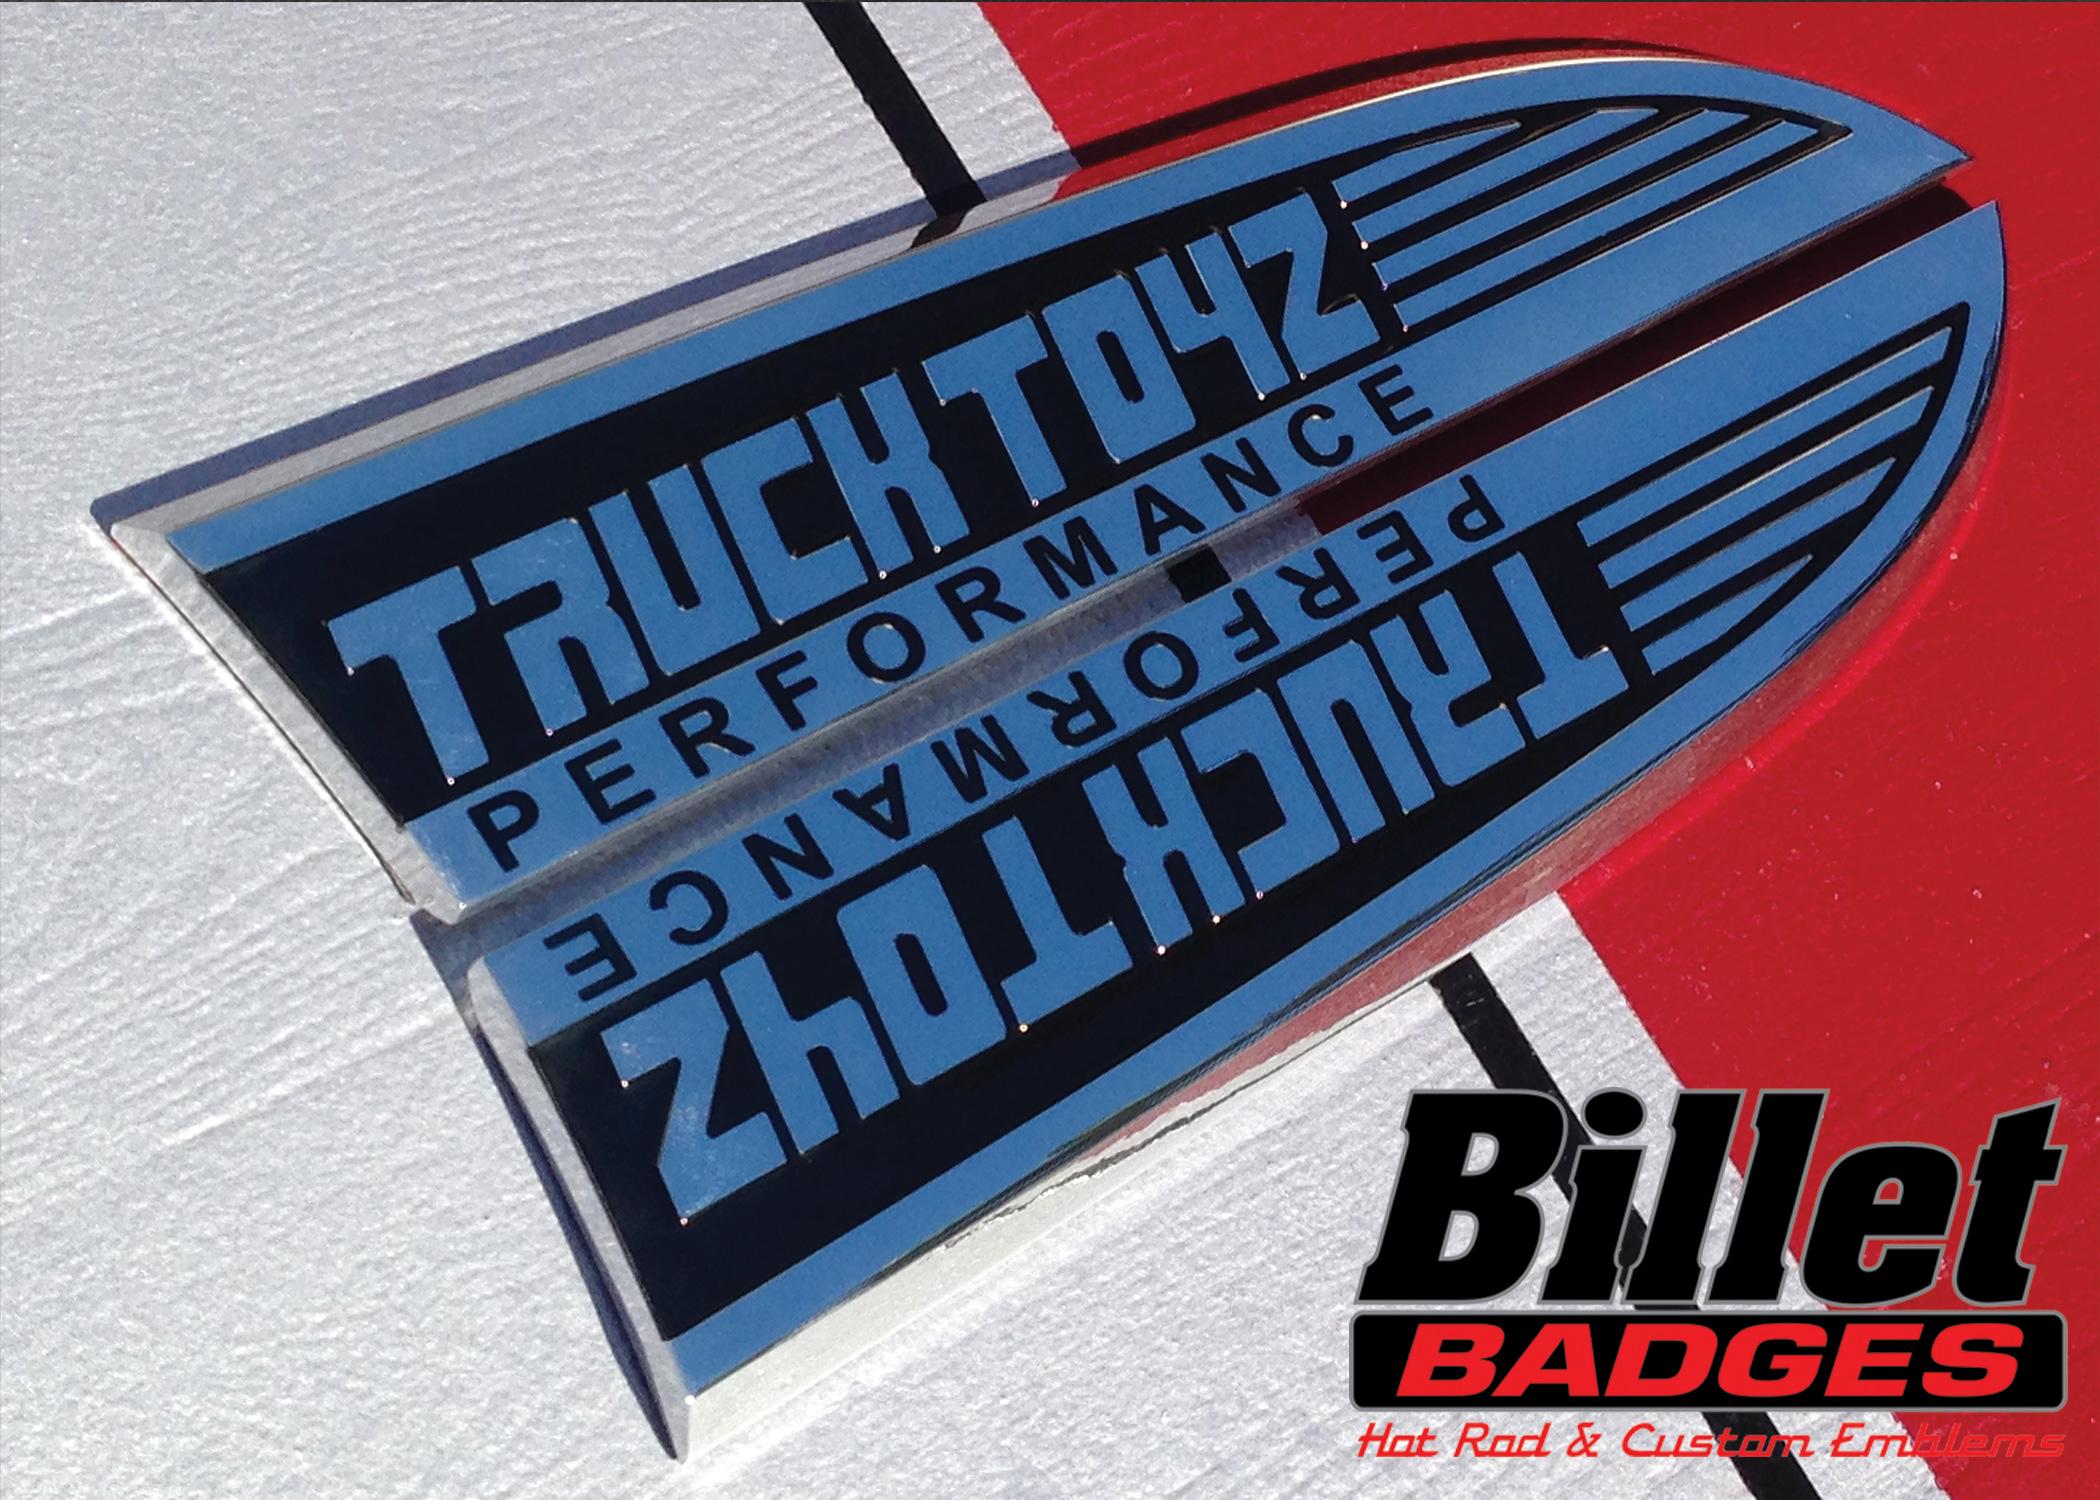 Truck Toyz Performance